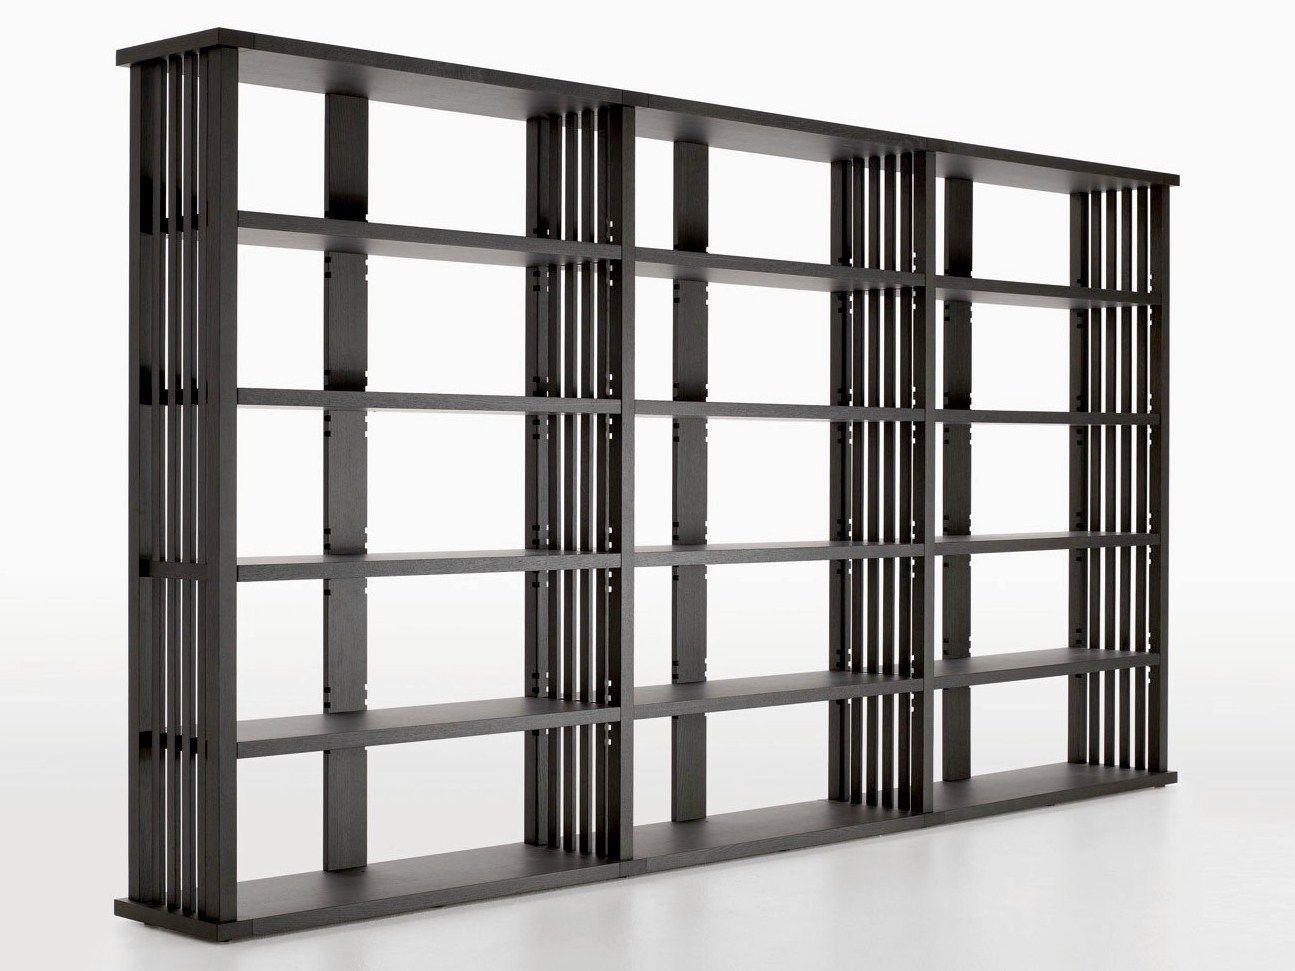 Wonderful image of  bookcase BIBLIA by Maxalto a brand of B&B Italia Spa design Antonio with #302E2B color and 1295x971 pixels